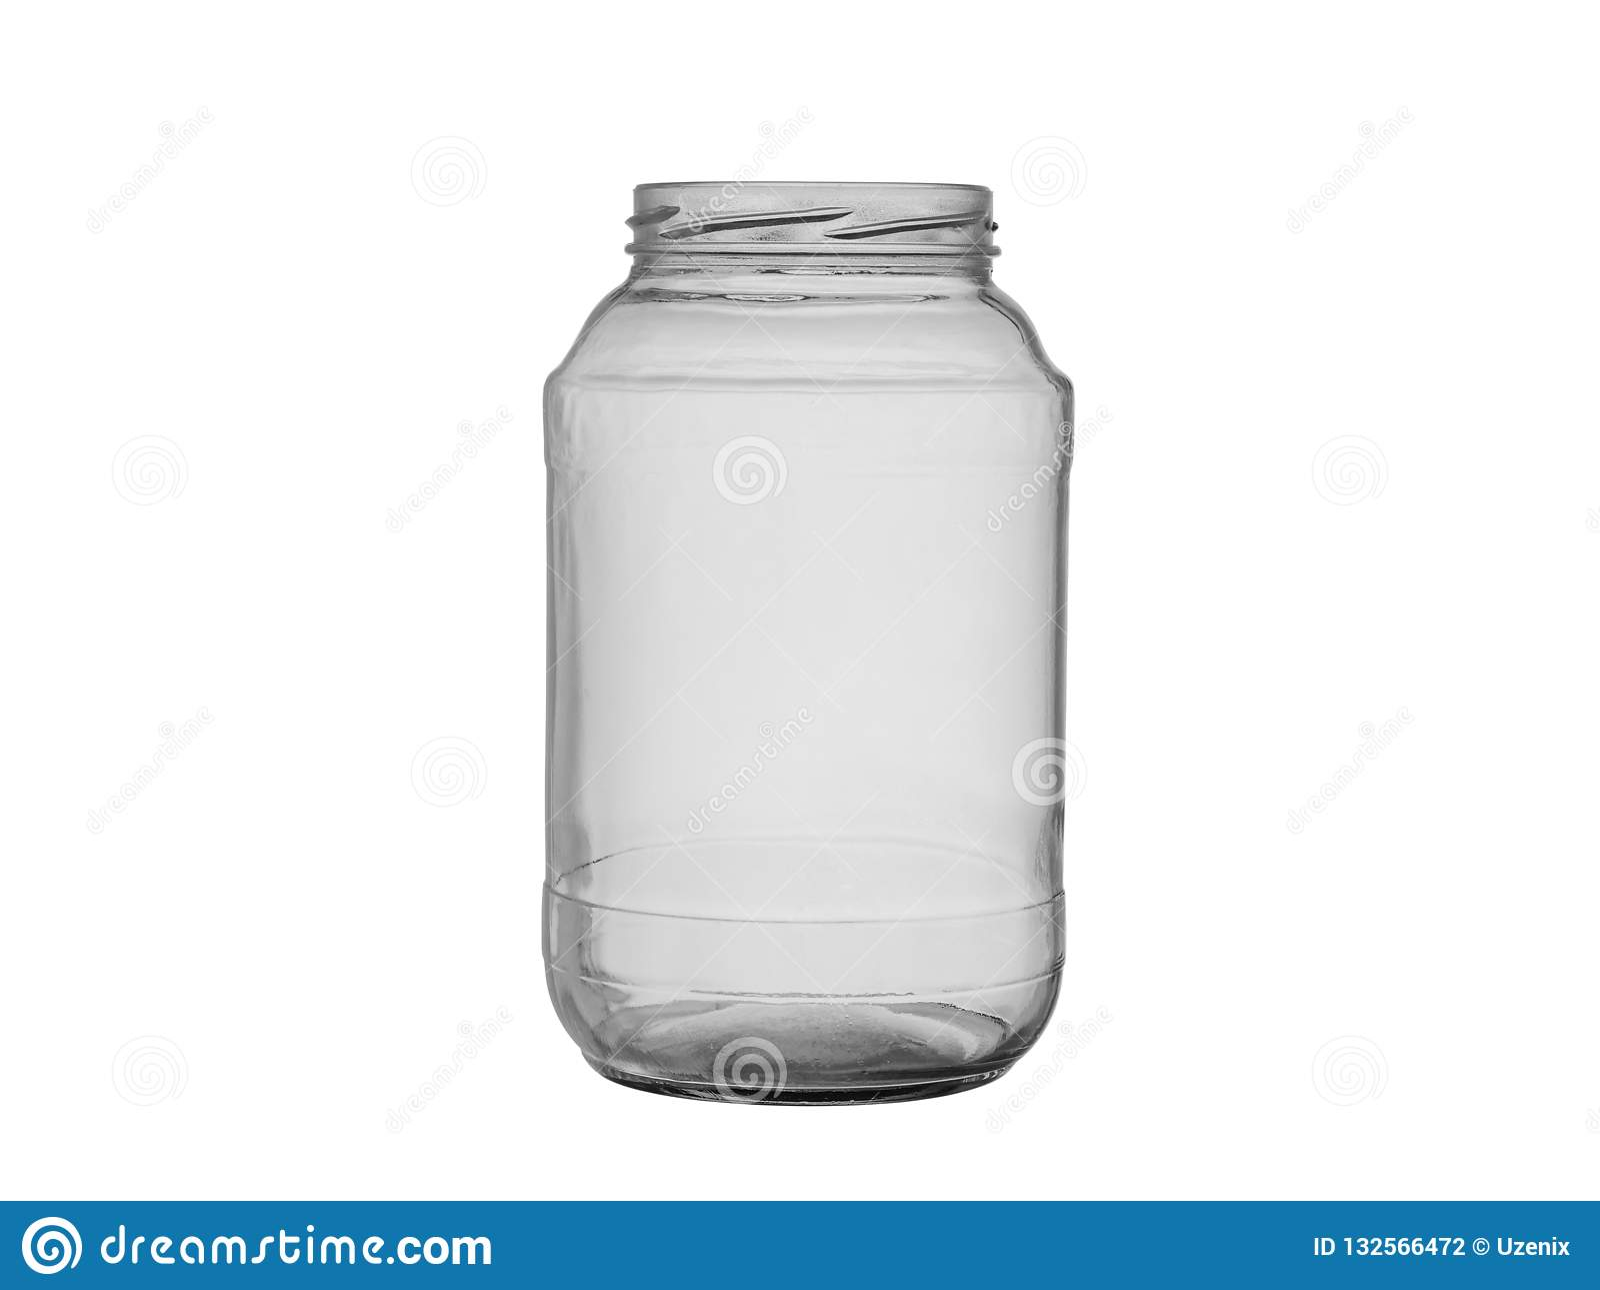 Lege glaskruik voor ingeblikt voedsel en levensmiddel op een witte achtergrond